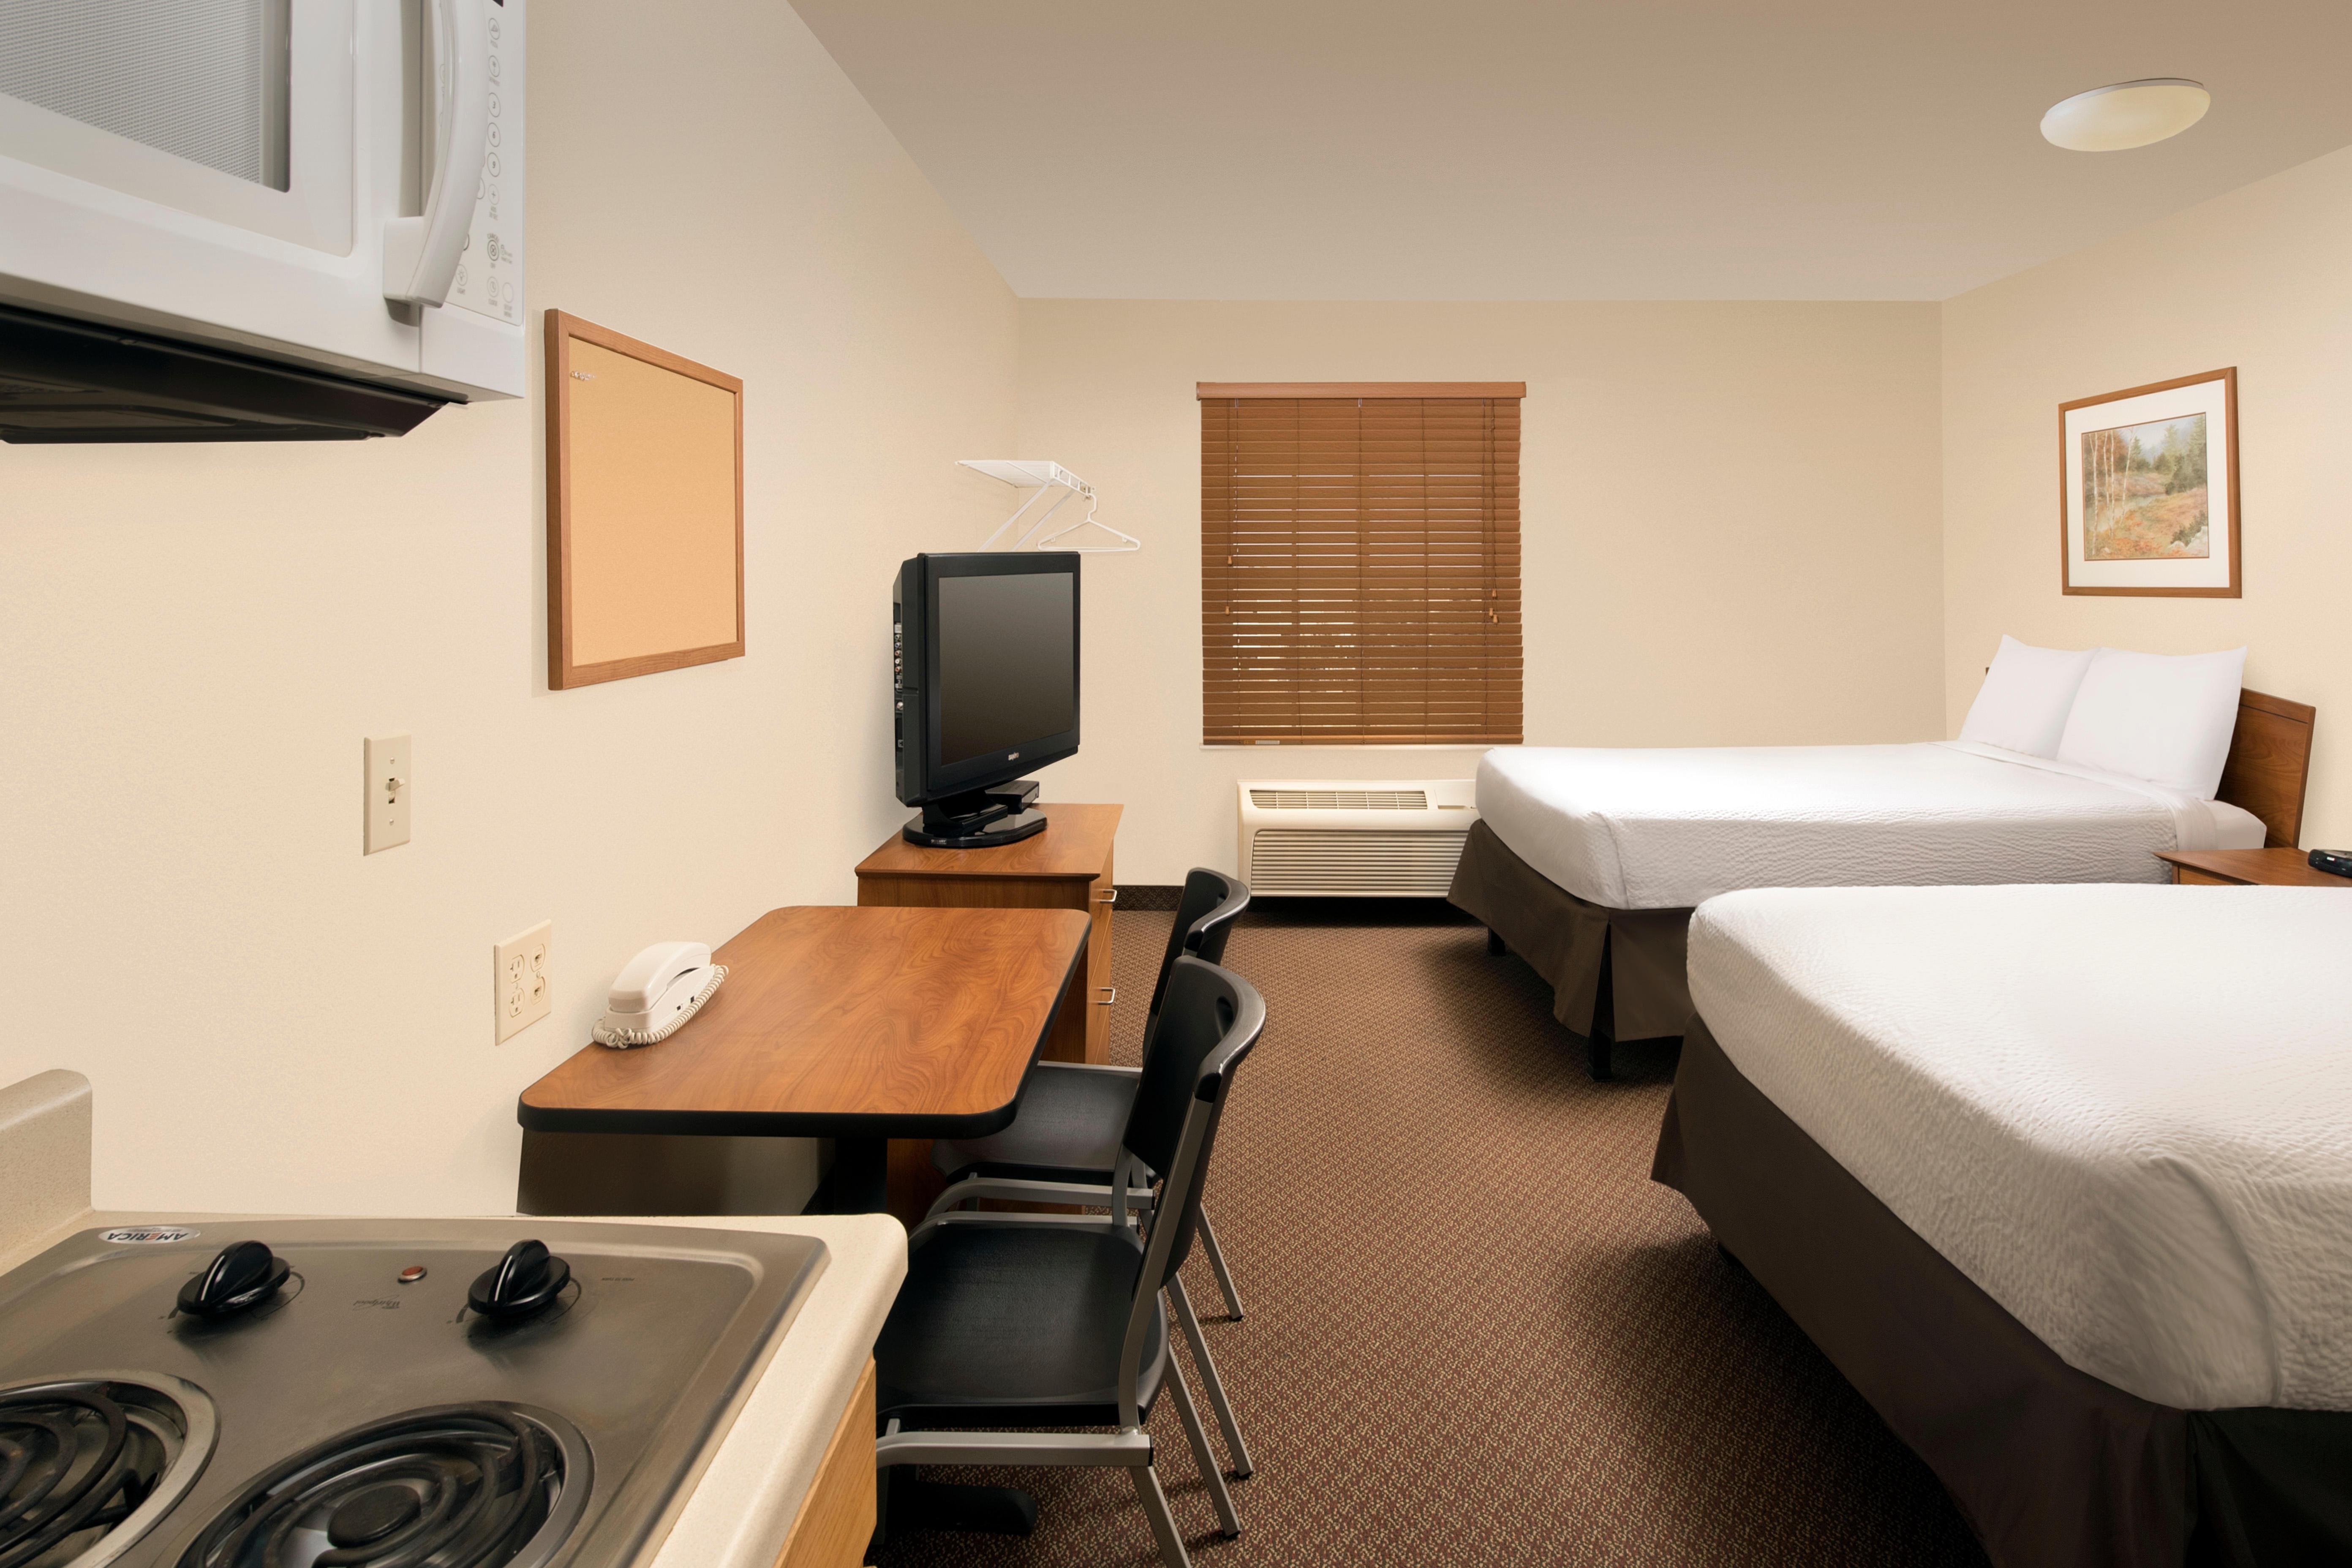 WoodSpring Suites Midland image 10